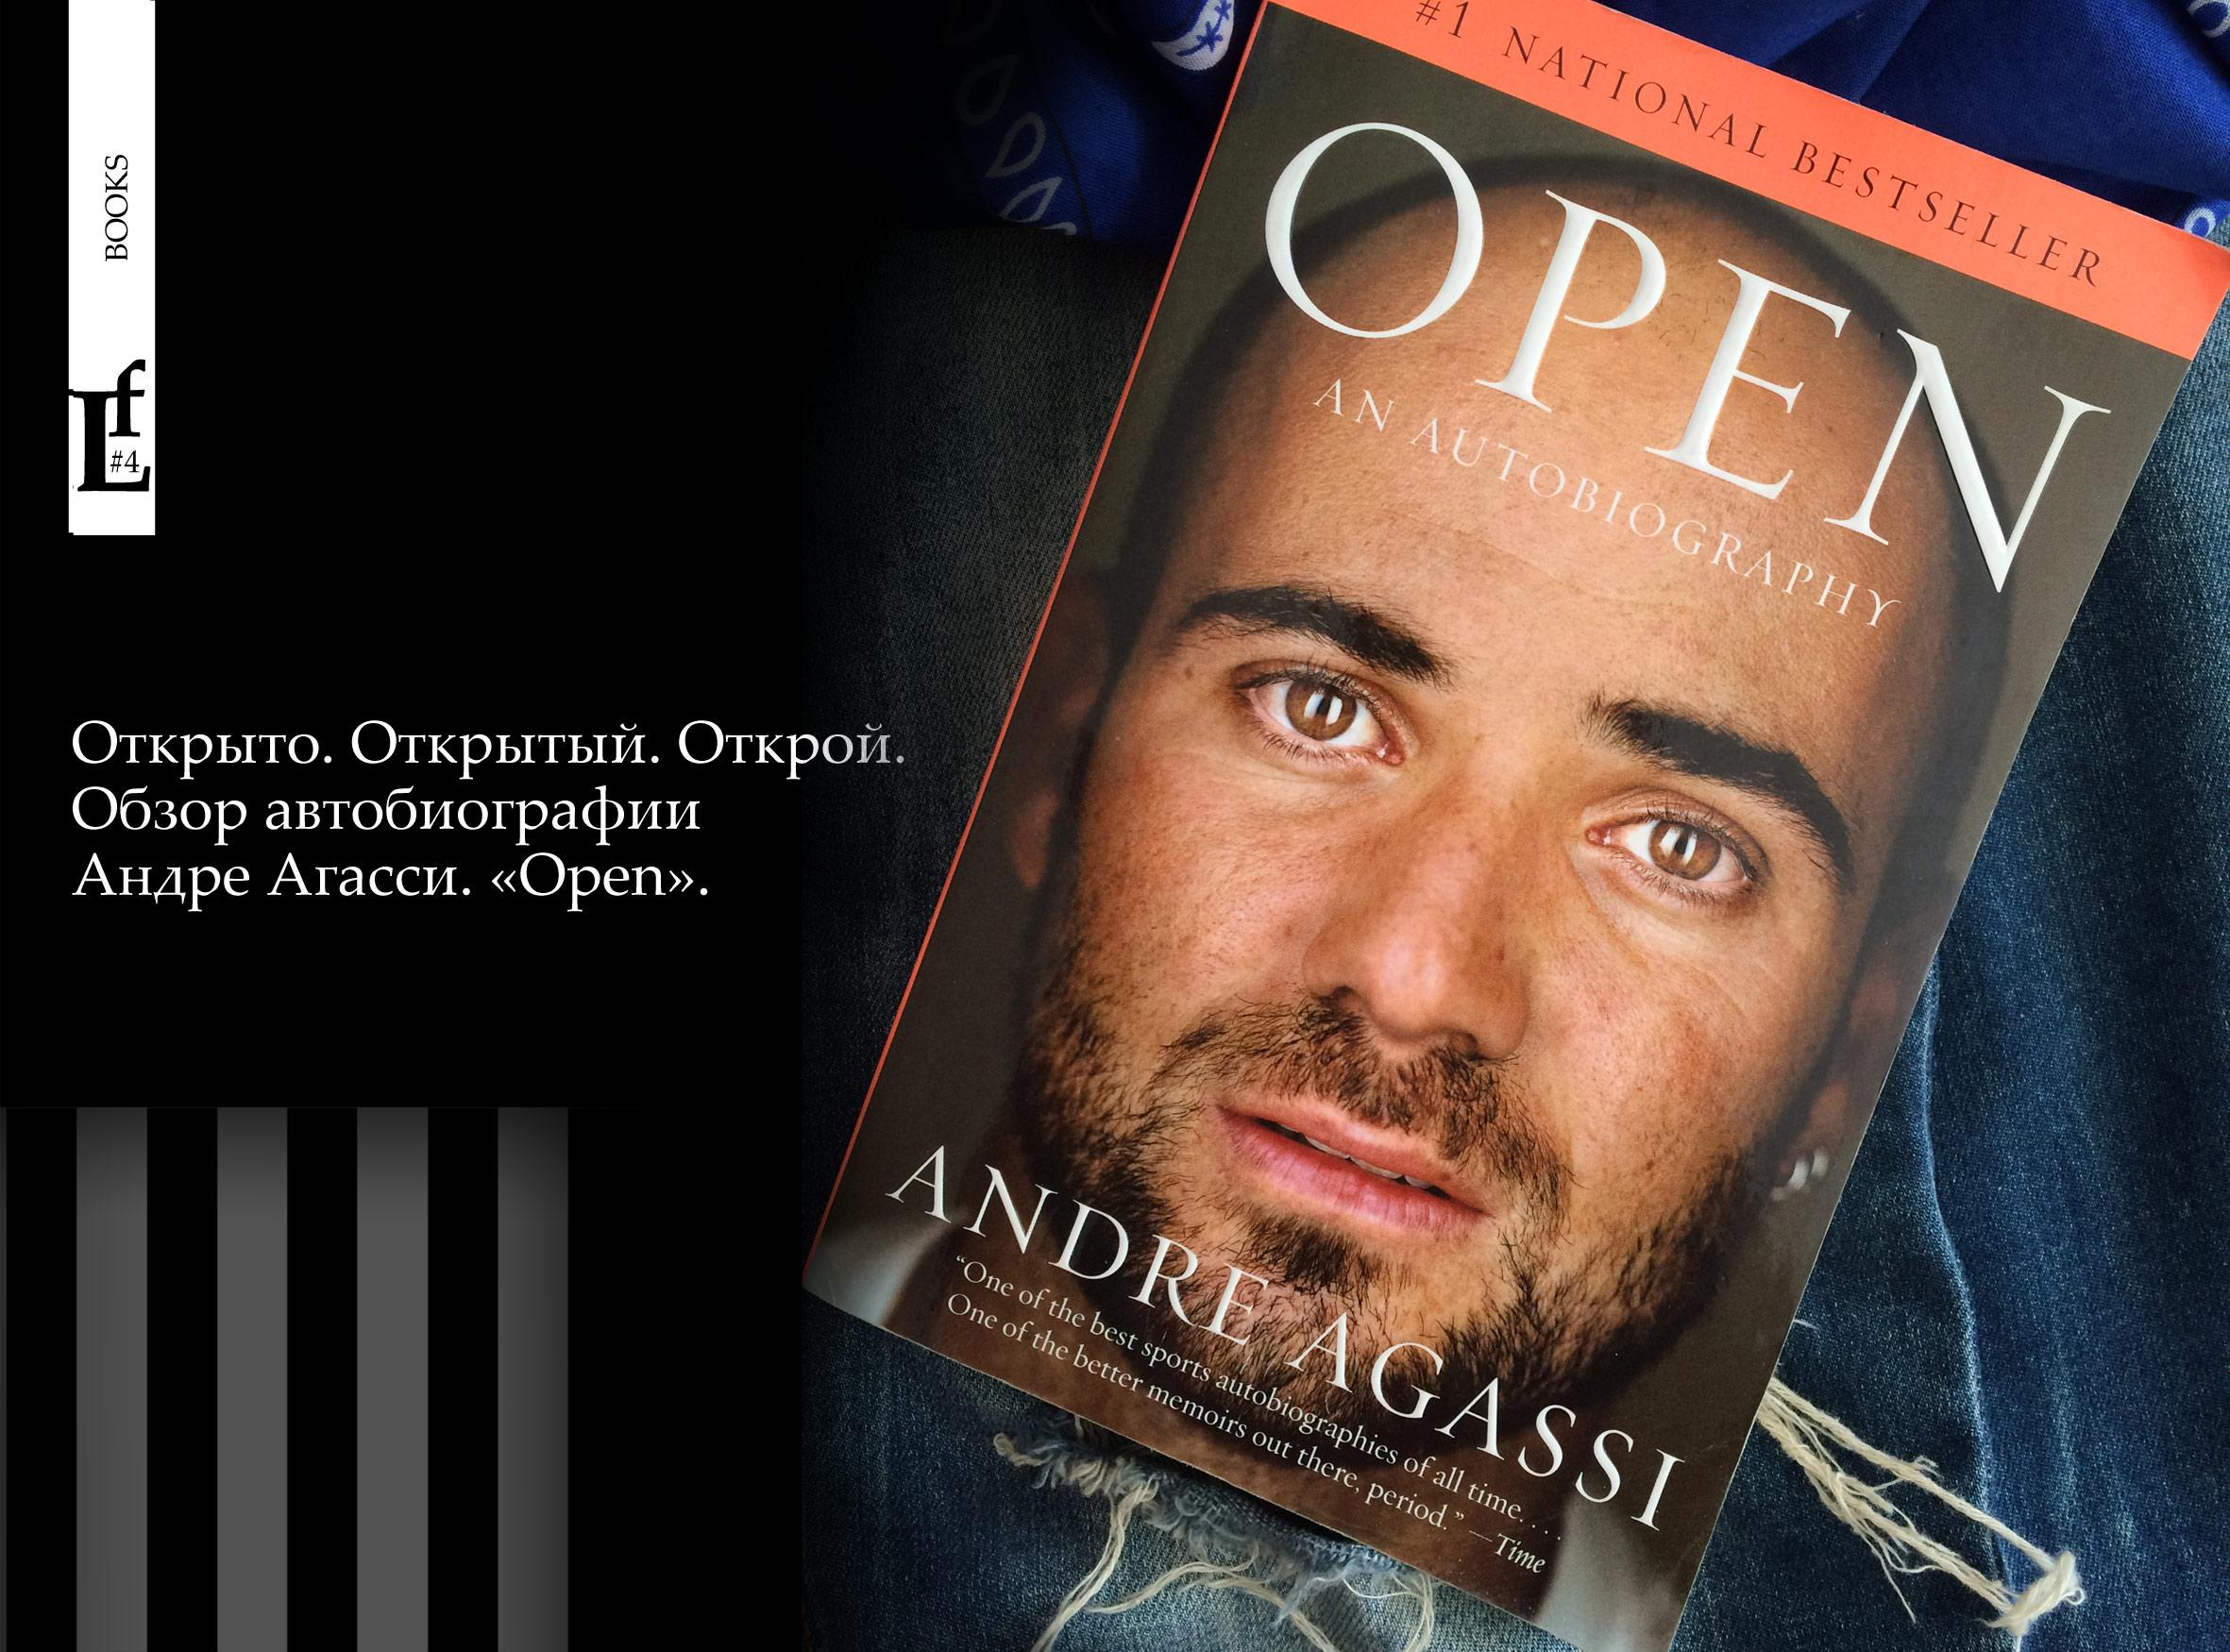 Автобиографию теннисиста Андре Агасси прочитали многие гонщики Формулы-1